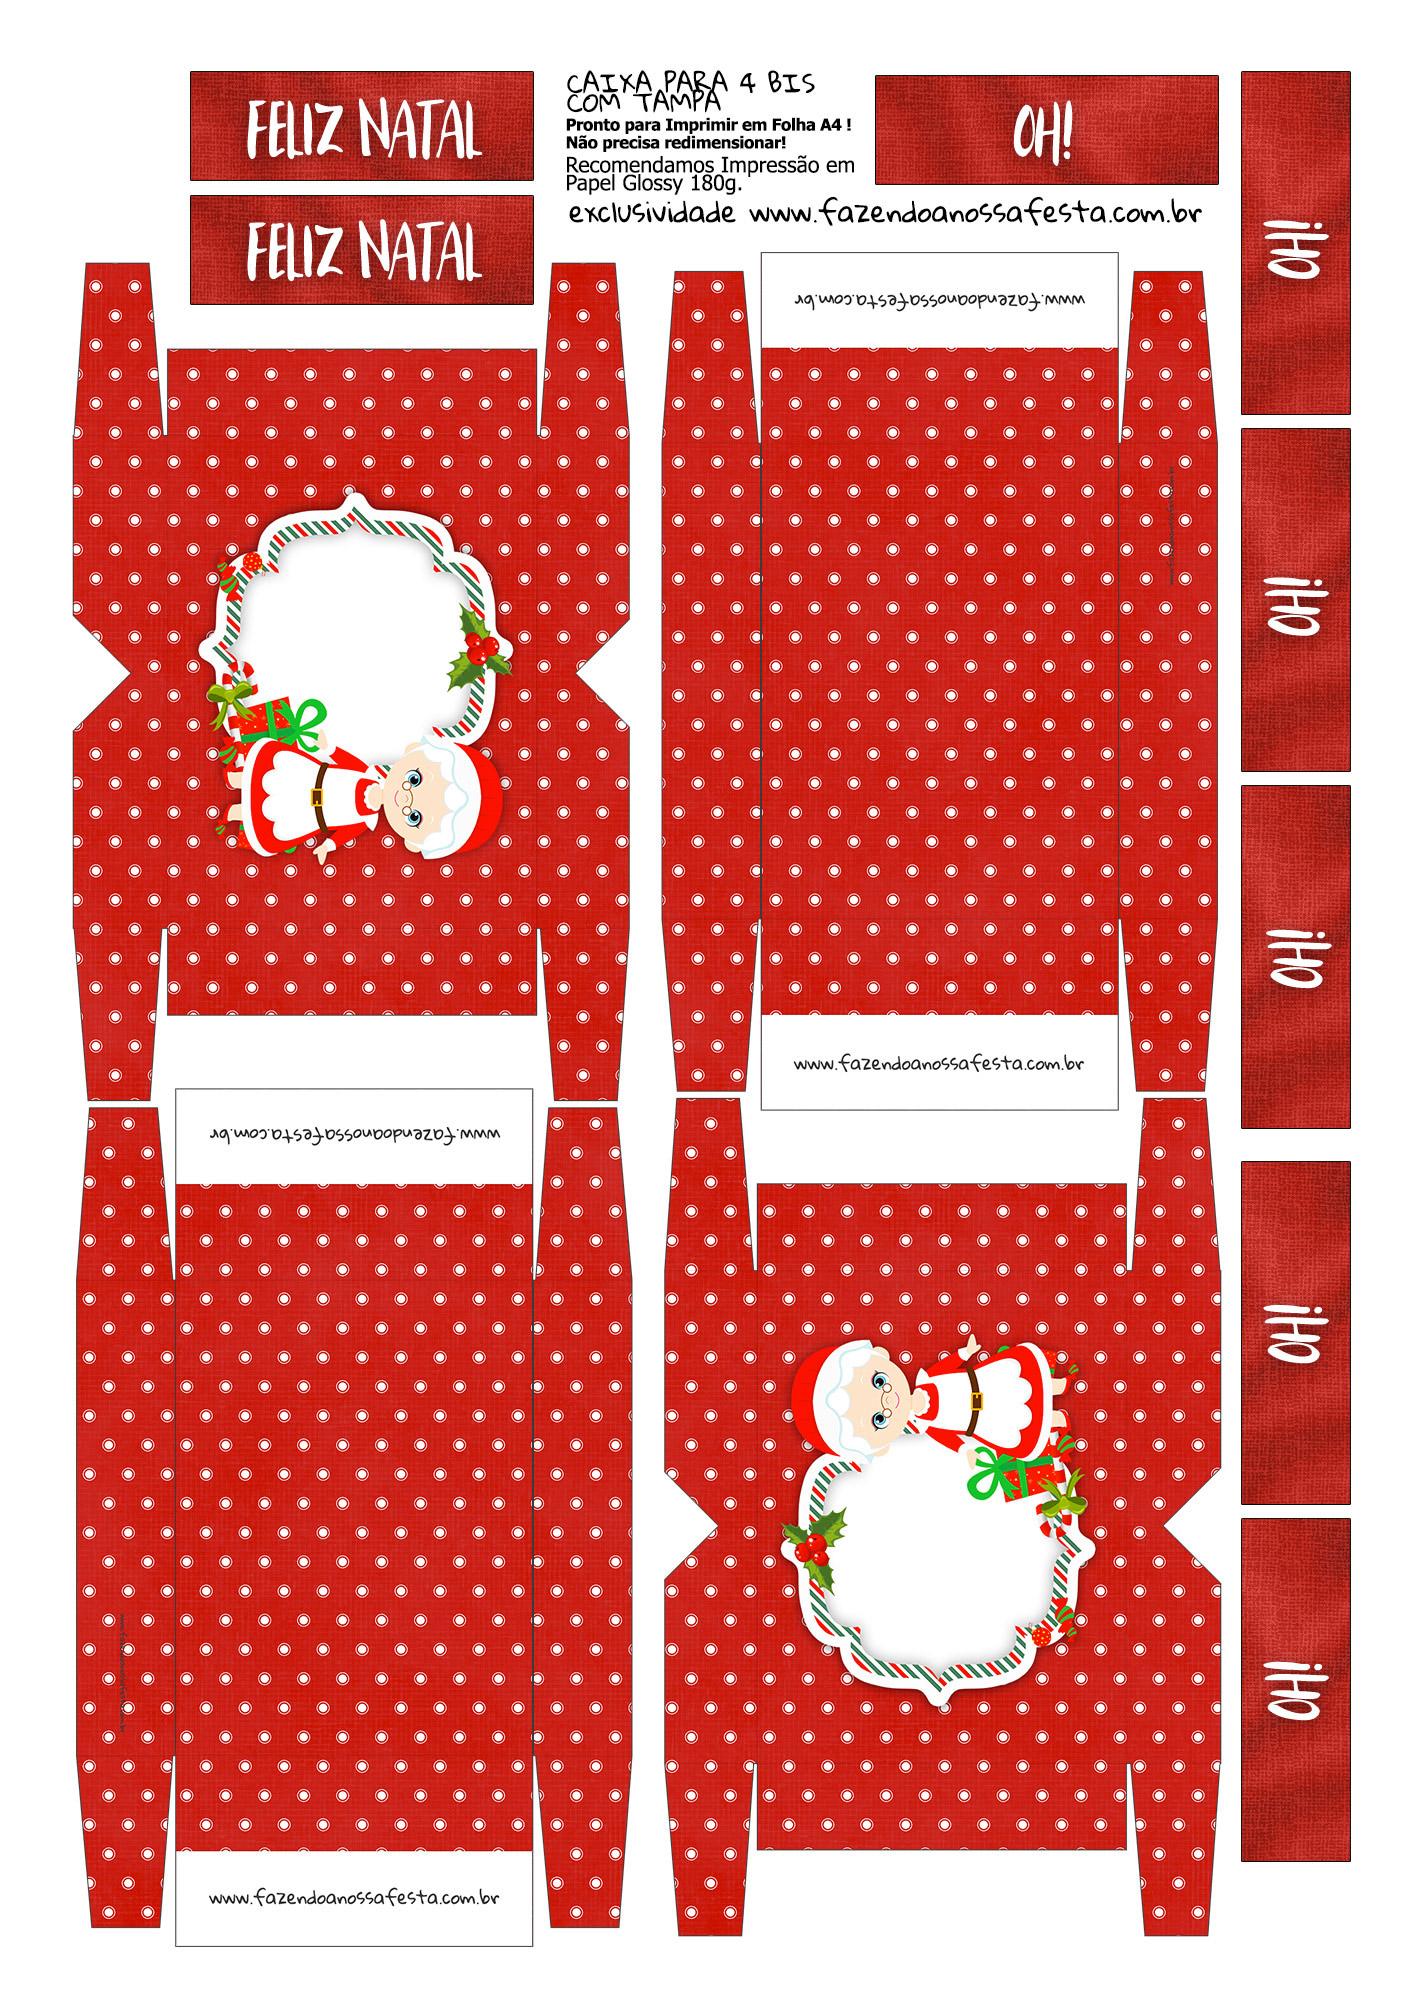 Caixa 4 Bis Especial Natal Mamãe Noel